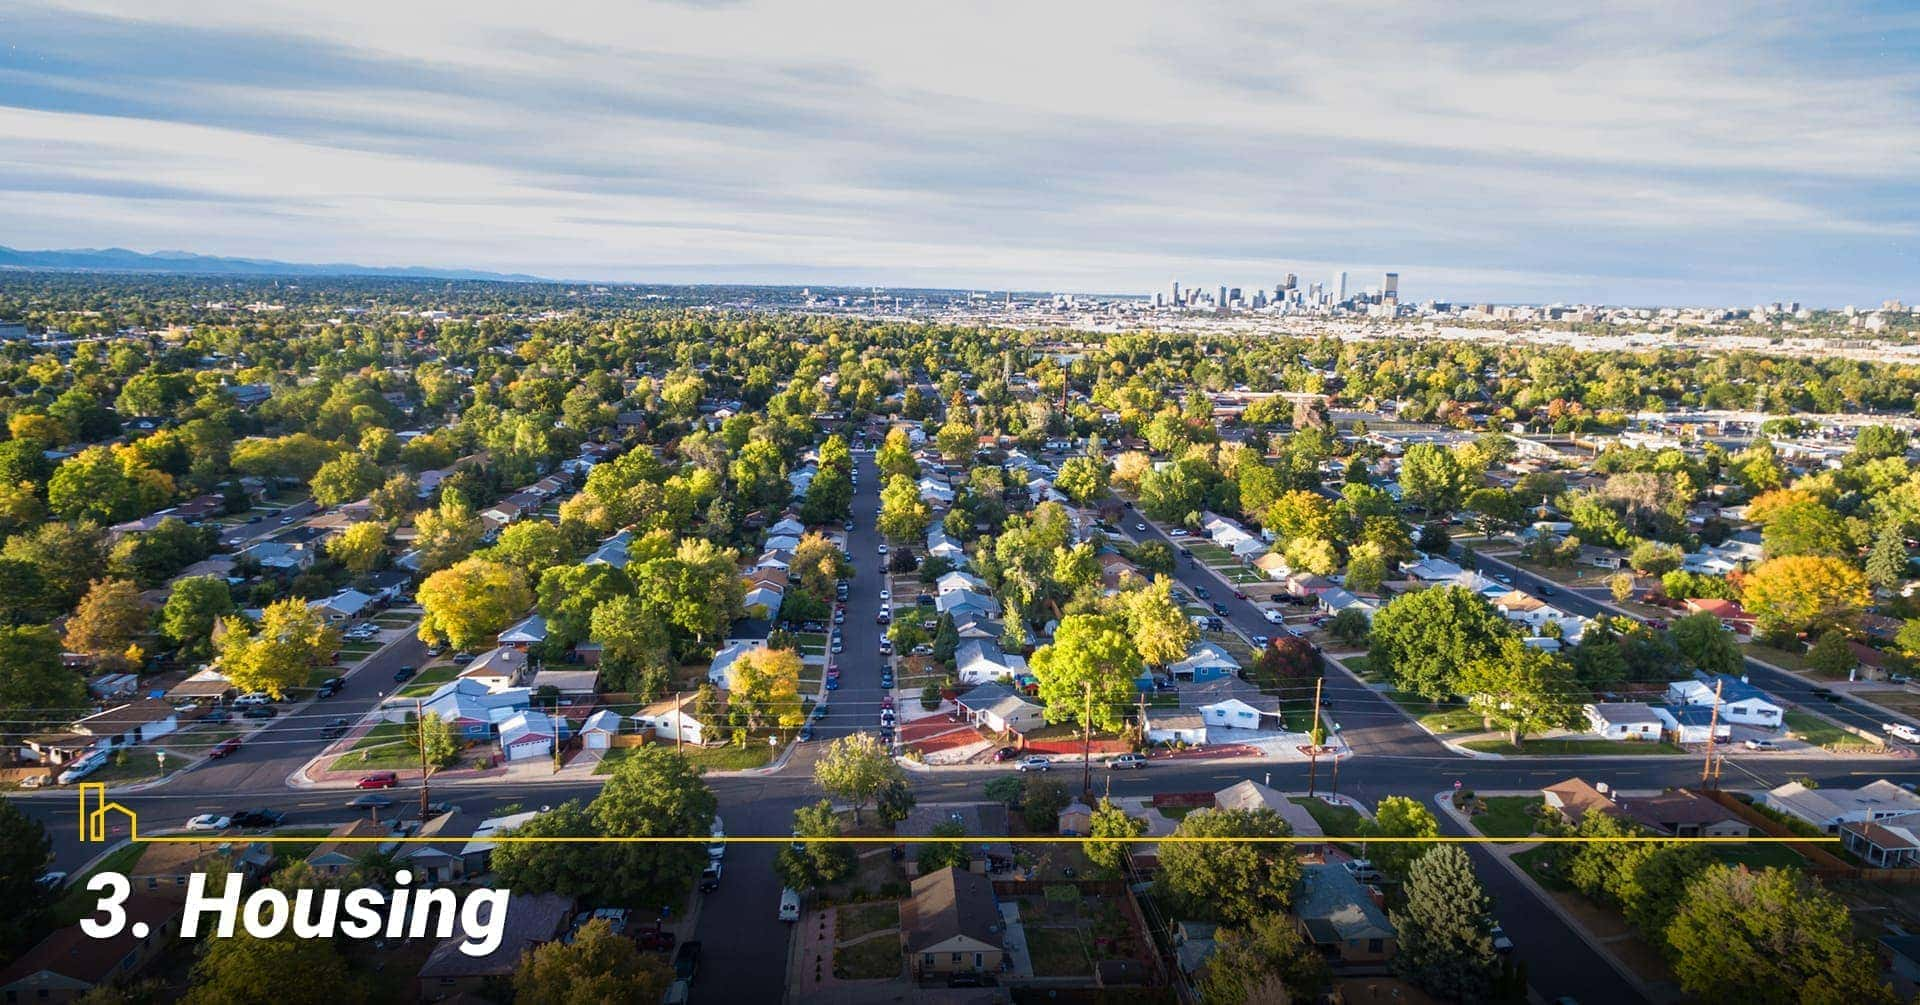 Housing in Denver, Colorado